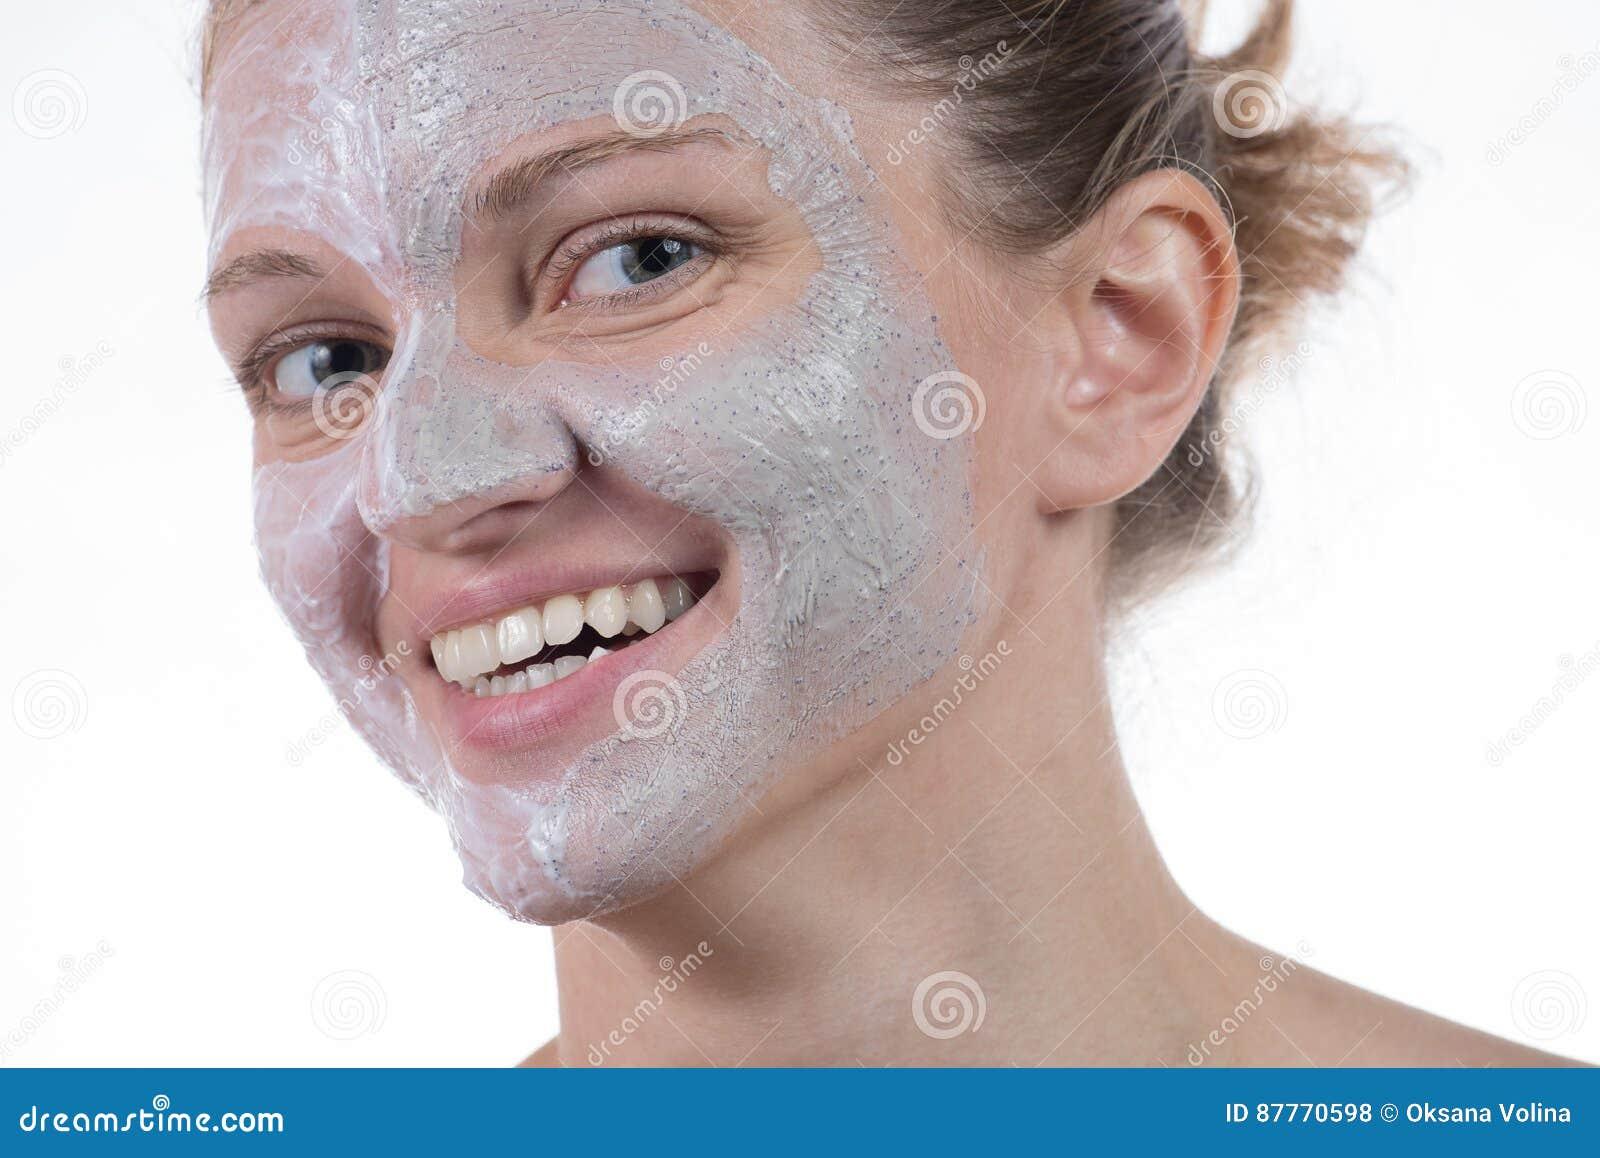 Una maschera di due cosmetici di argilla grigia con sfrega e screma sul fronte